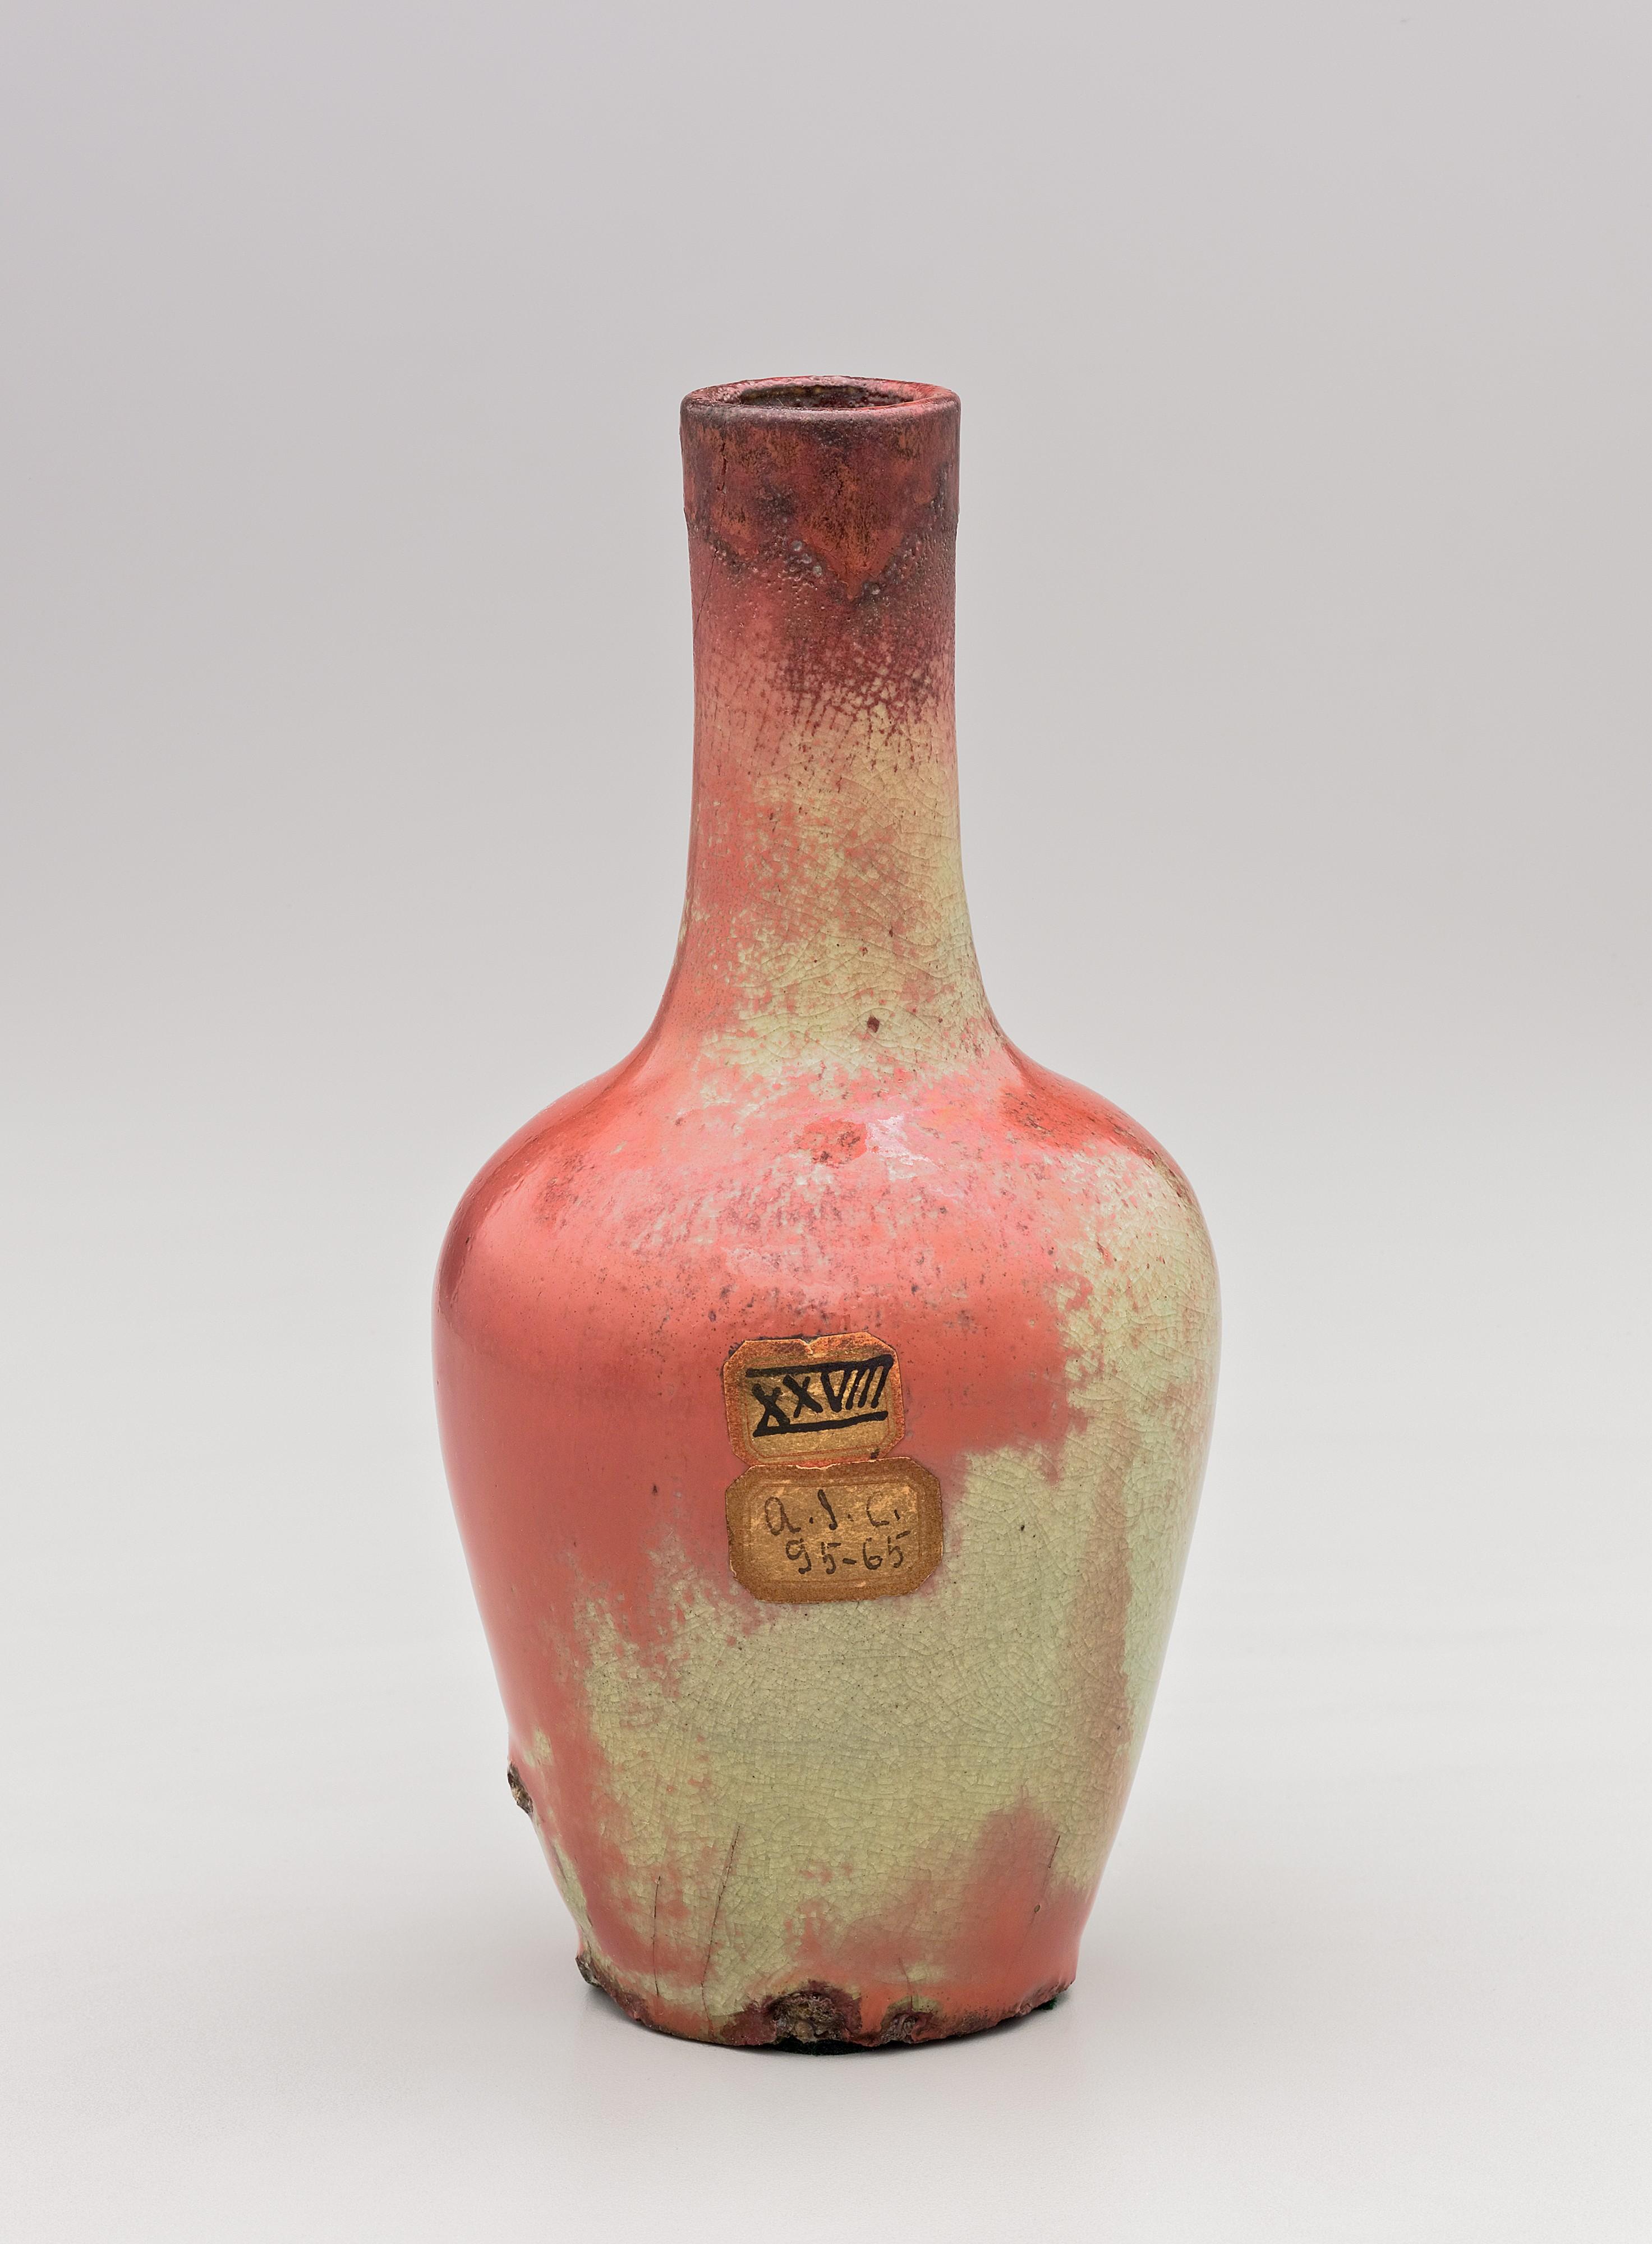 Chelsea Keramic Art Works | Vase | American | The Met